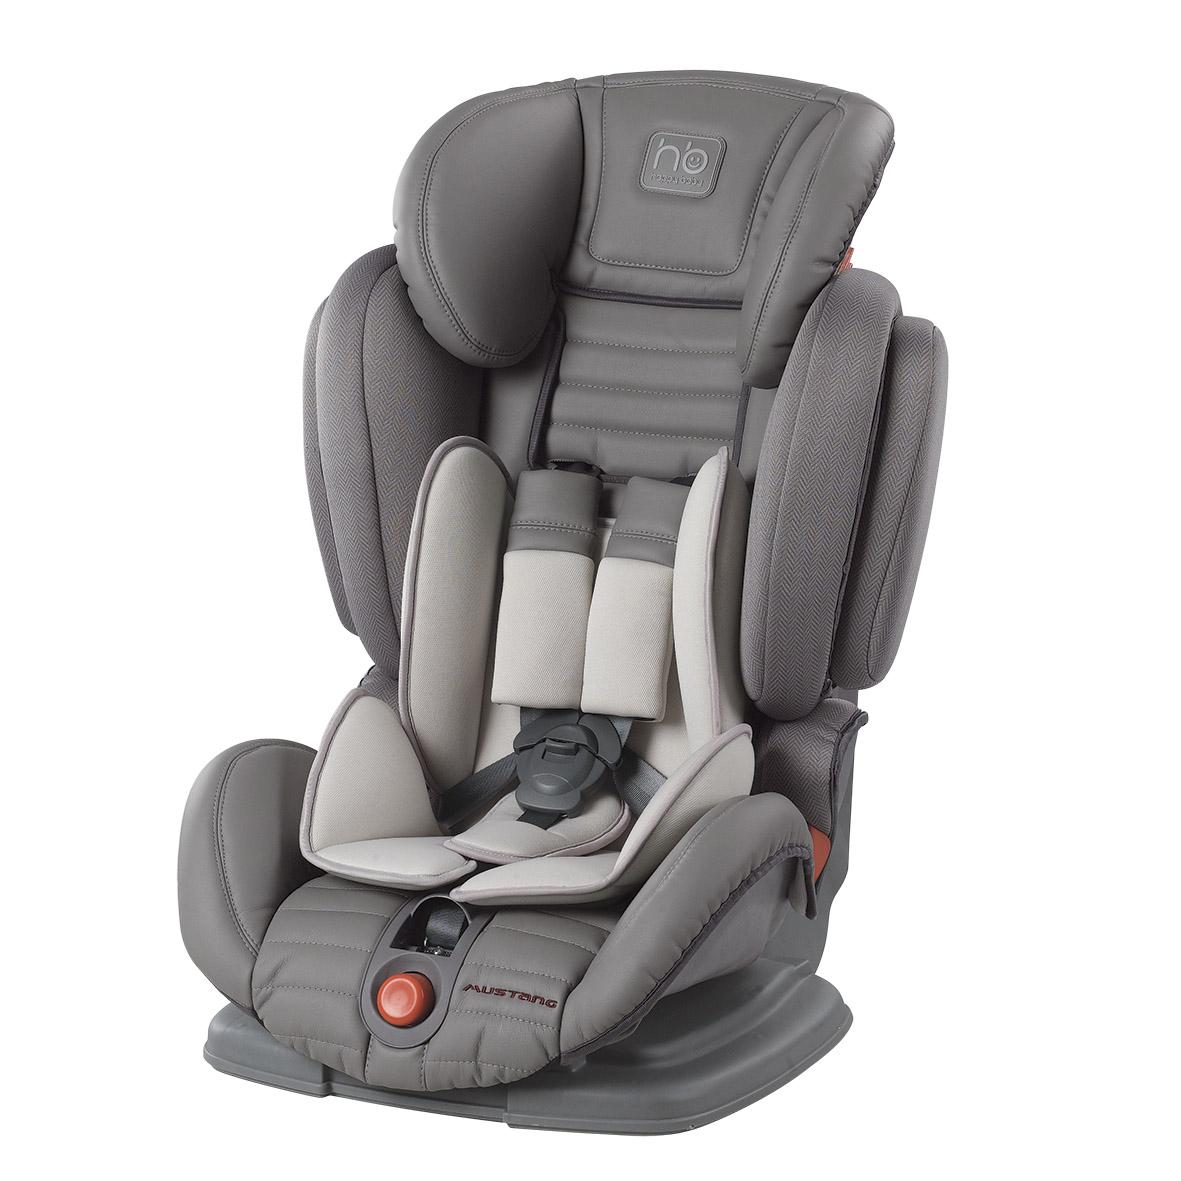 Купить со скидкой Детское автокресло Happy Baby Mustang, цвет Grey, 9-36кг